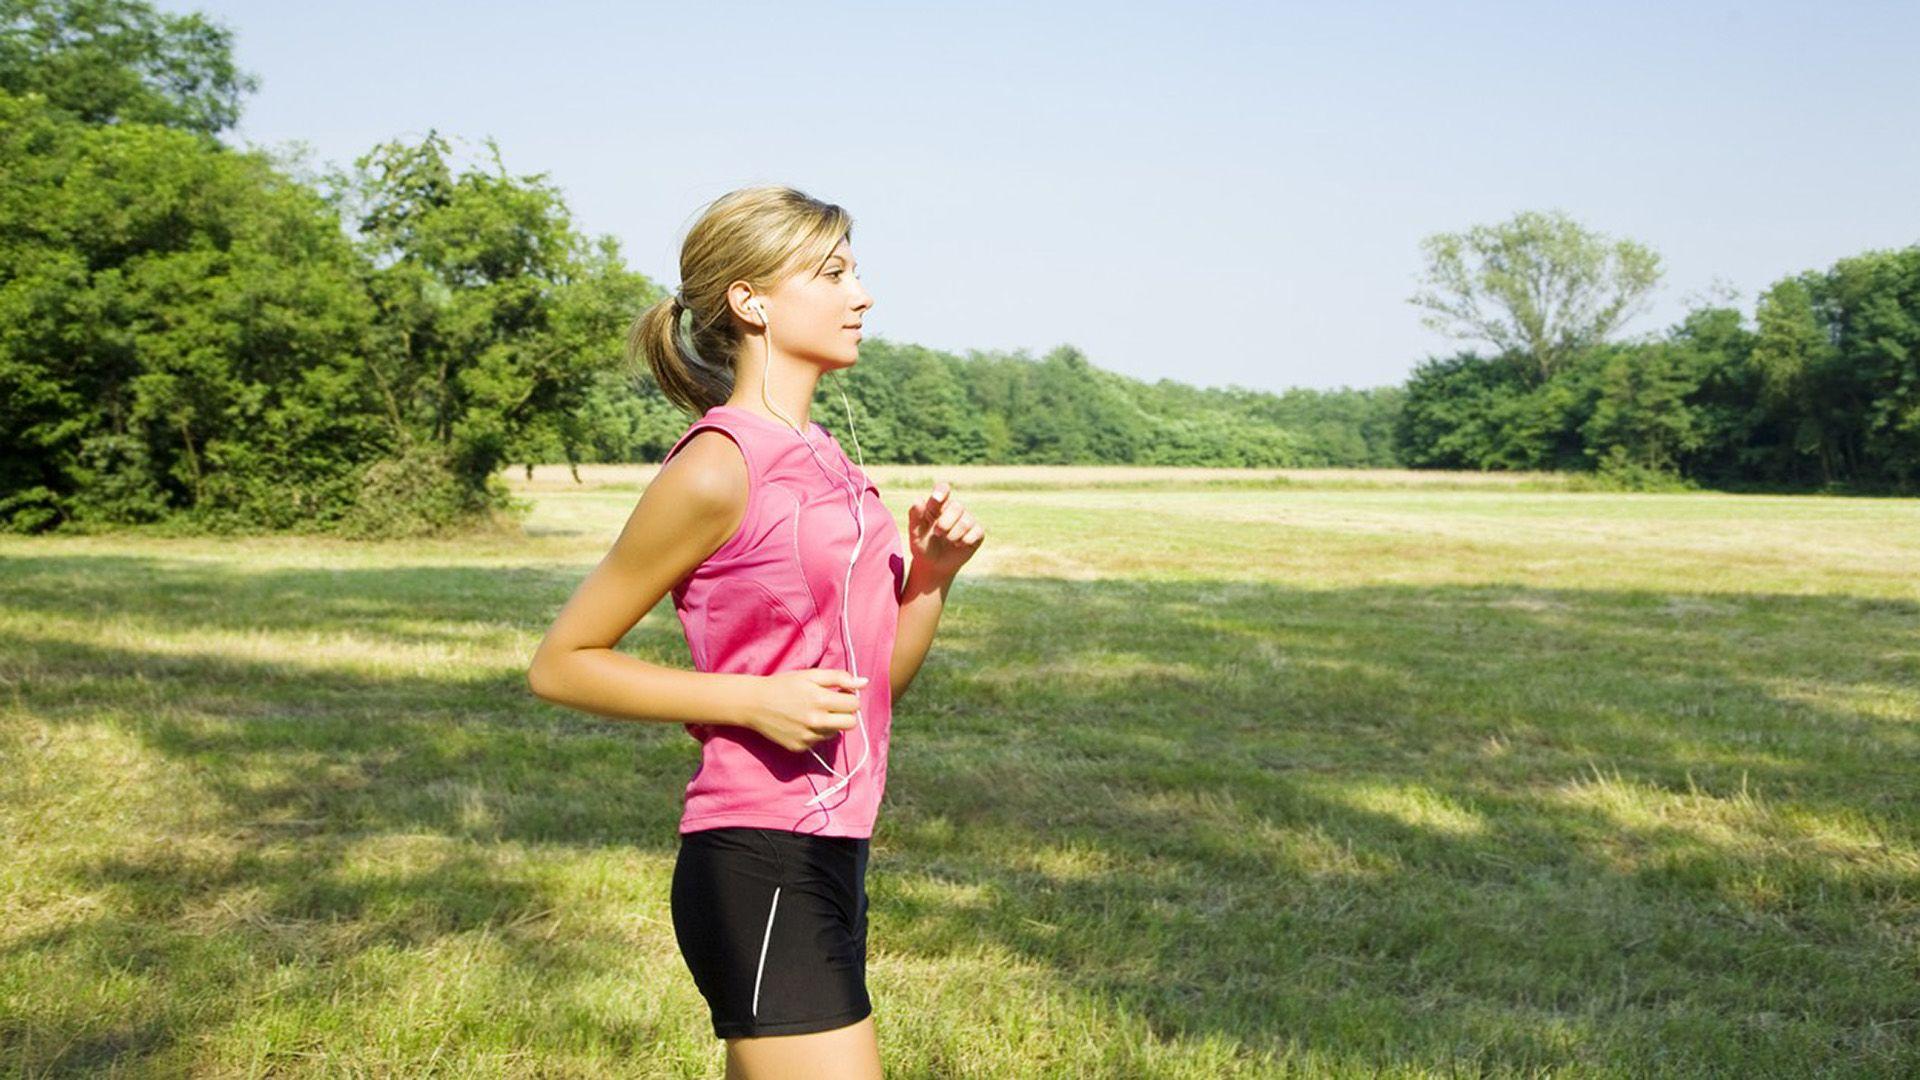 Kalóriacsökkentés: ennyivel egyél kevesebbet, ha fogyni akarsz - Fogyókúra | Femina